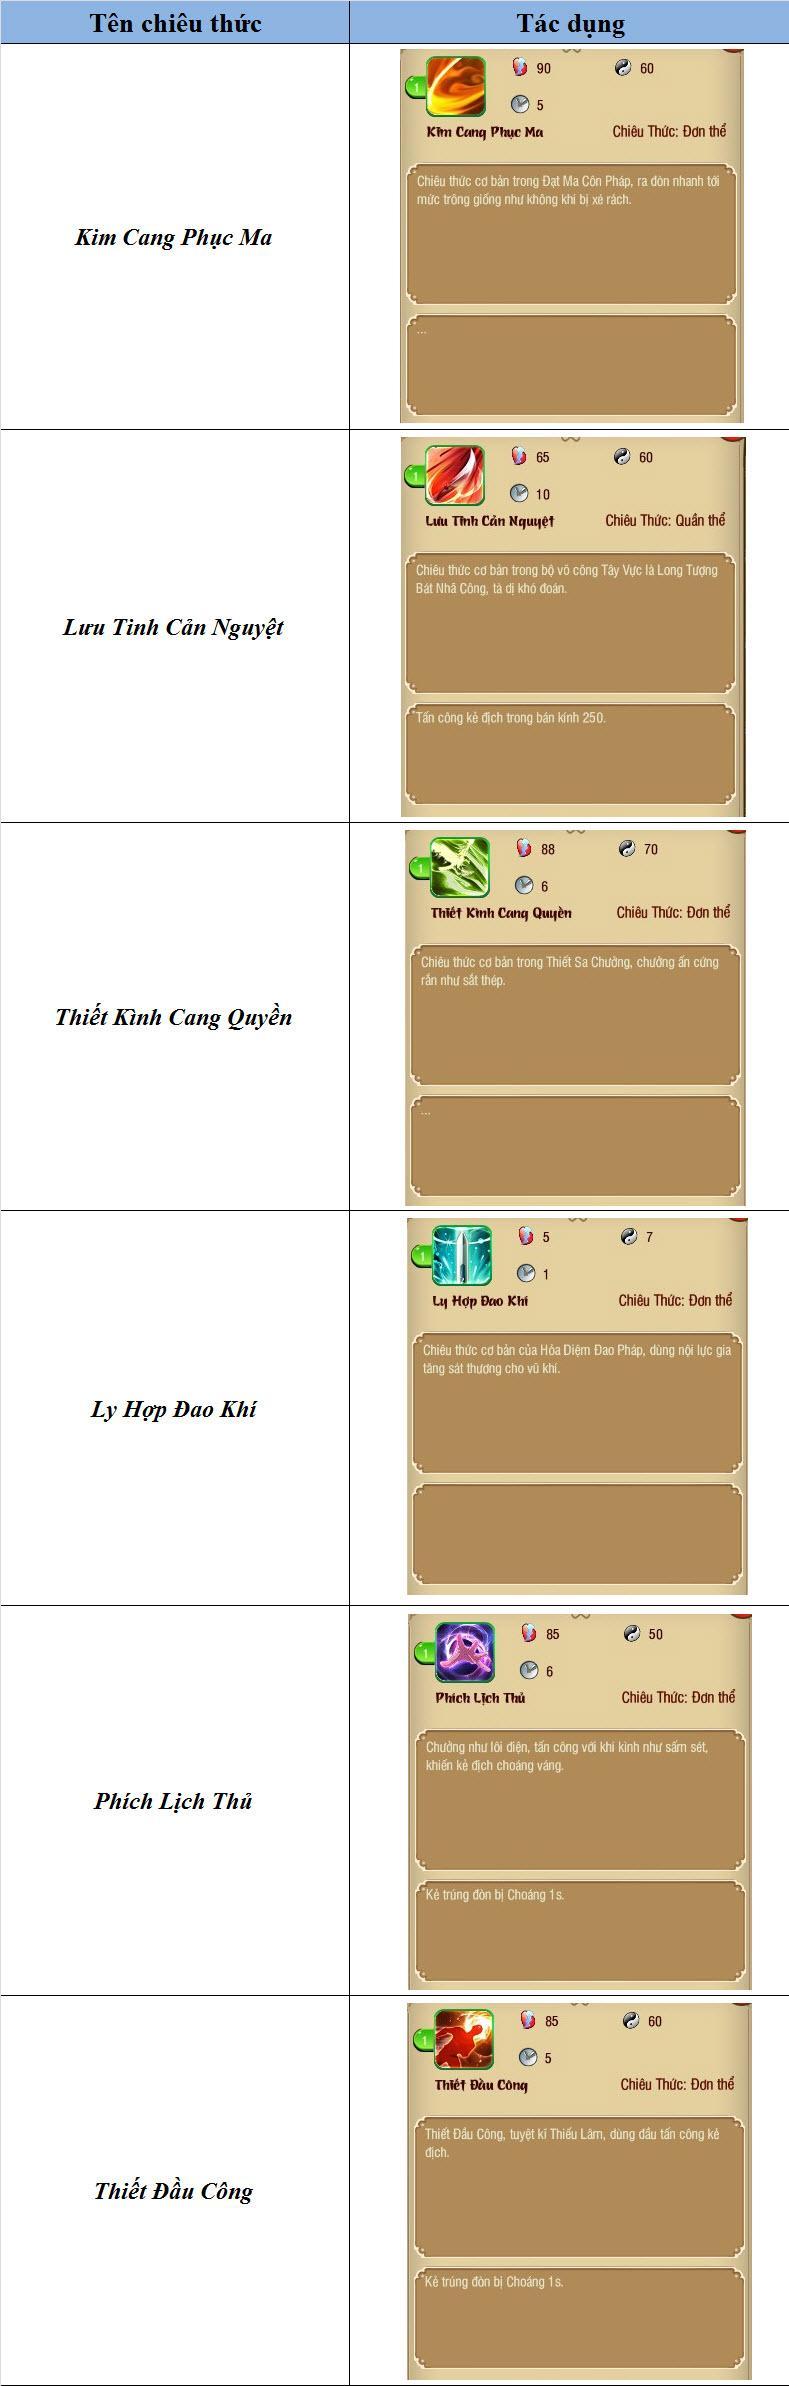 Giới Thiệu Chiêu Thức Trong Mộng Võ Lâm - Phần 1 - 6